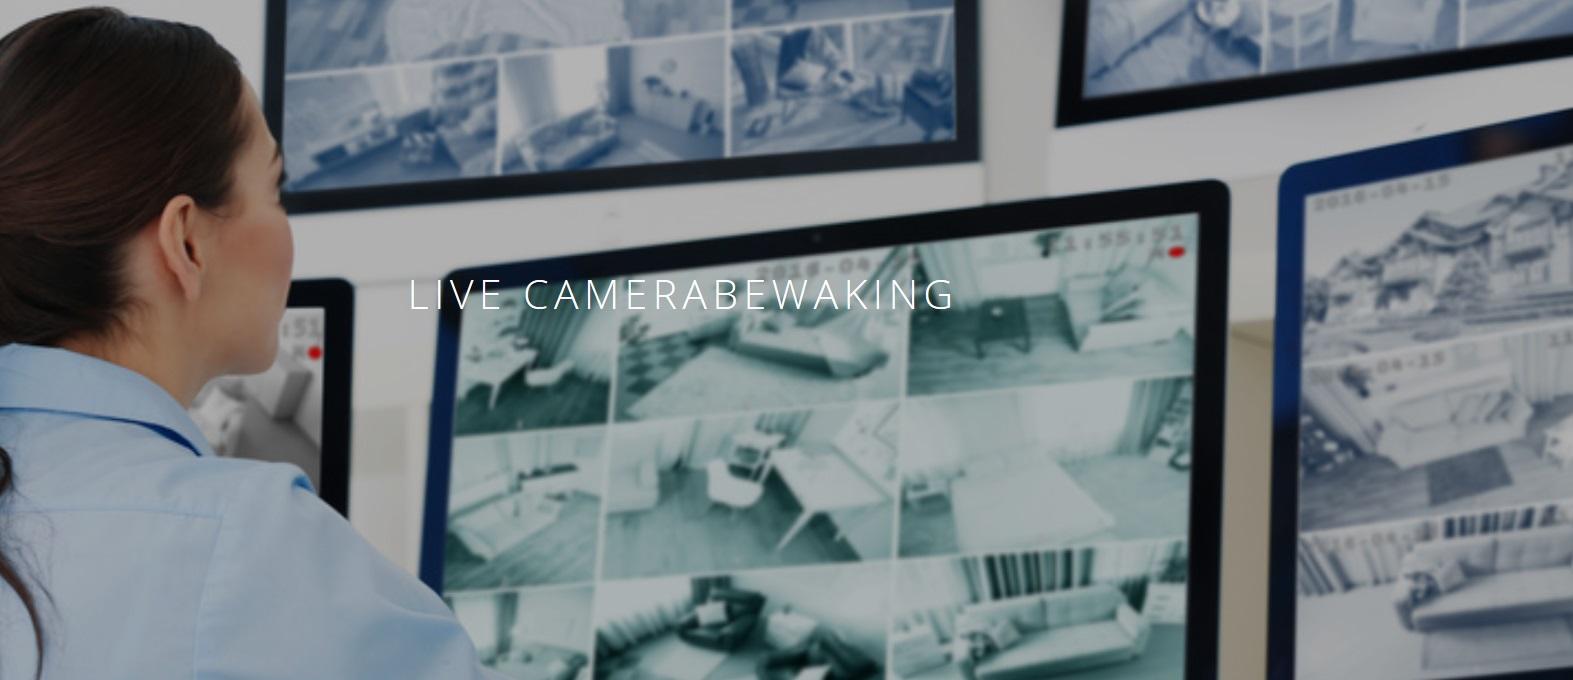 logo-camerabewaking-1